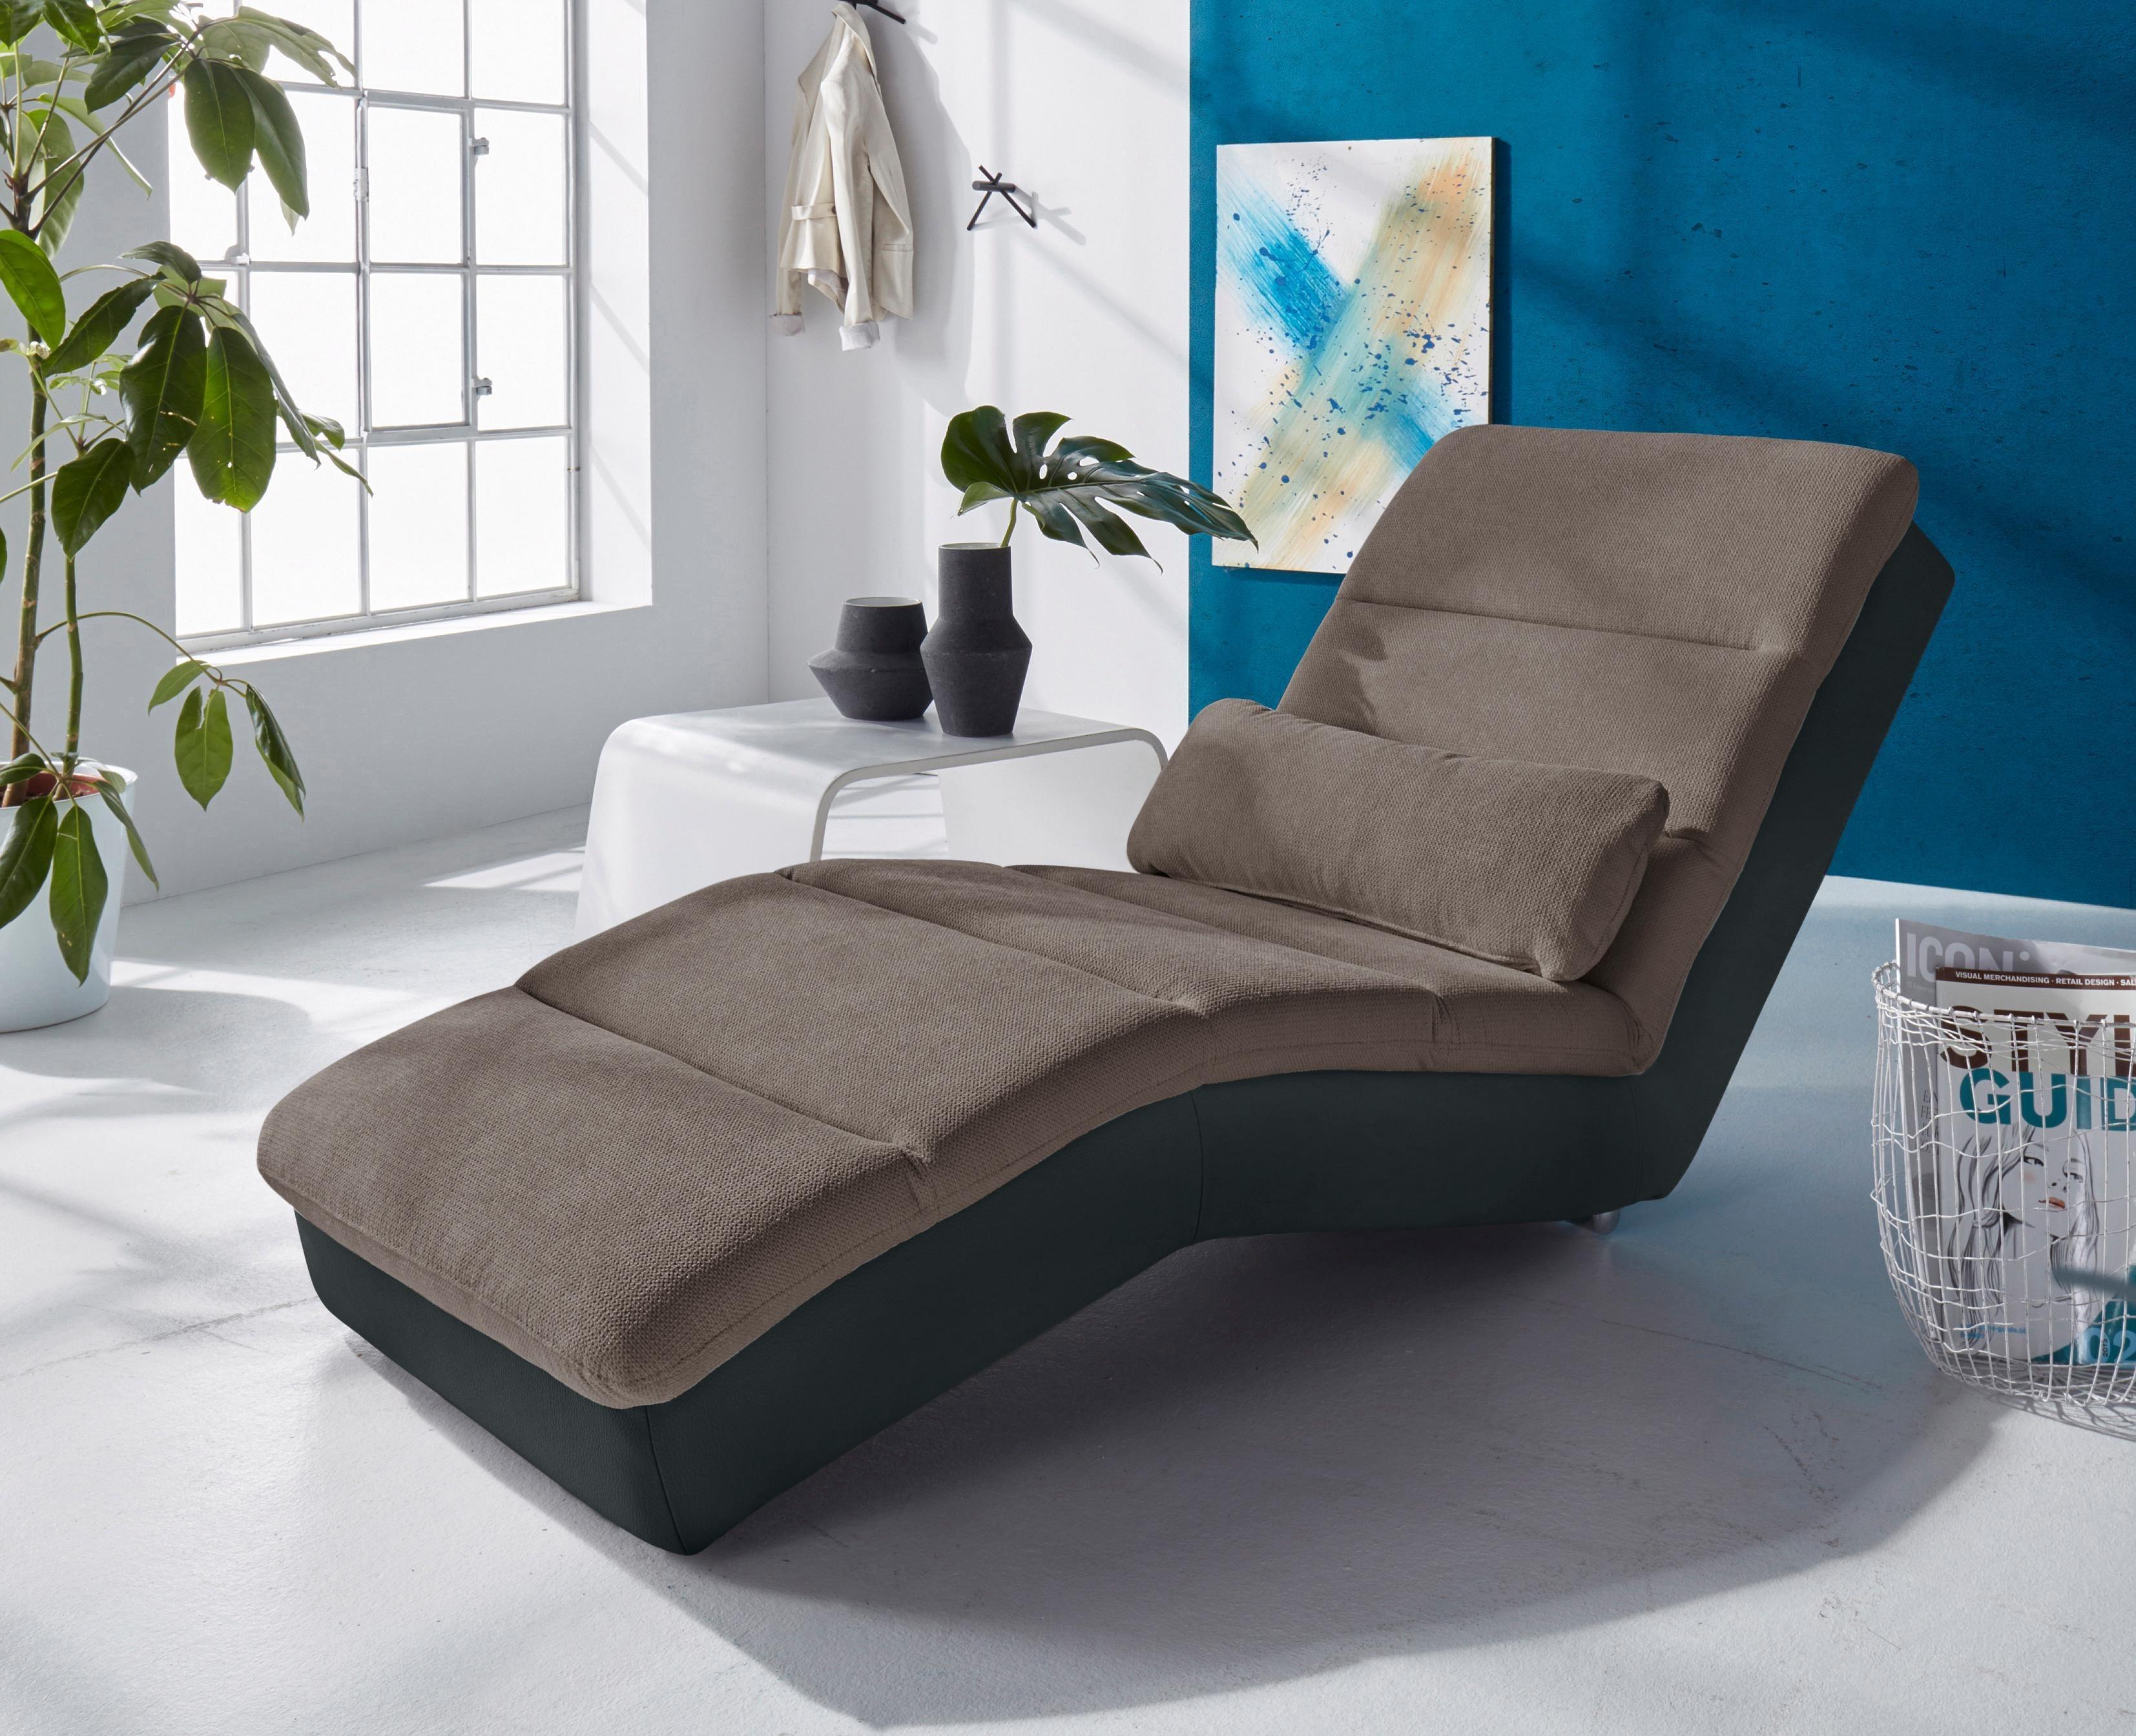 Bruno Banani Relaxliege | Wohnzimmer > Sessel > Relaxliegen | Kunstleder - Microfaser - Metall | Bruno Banani